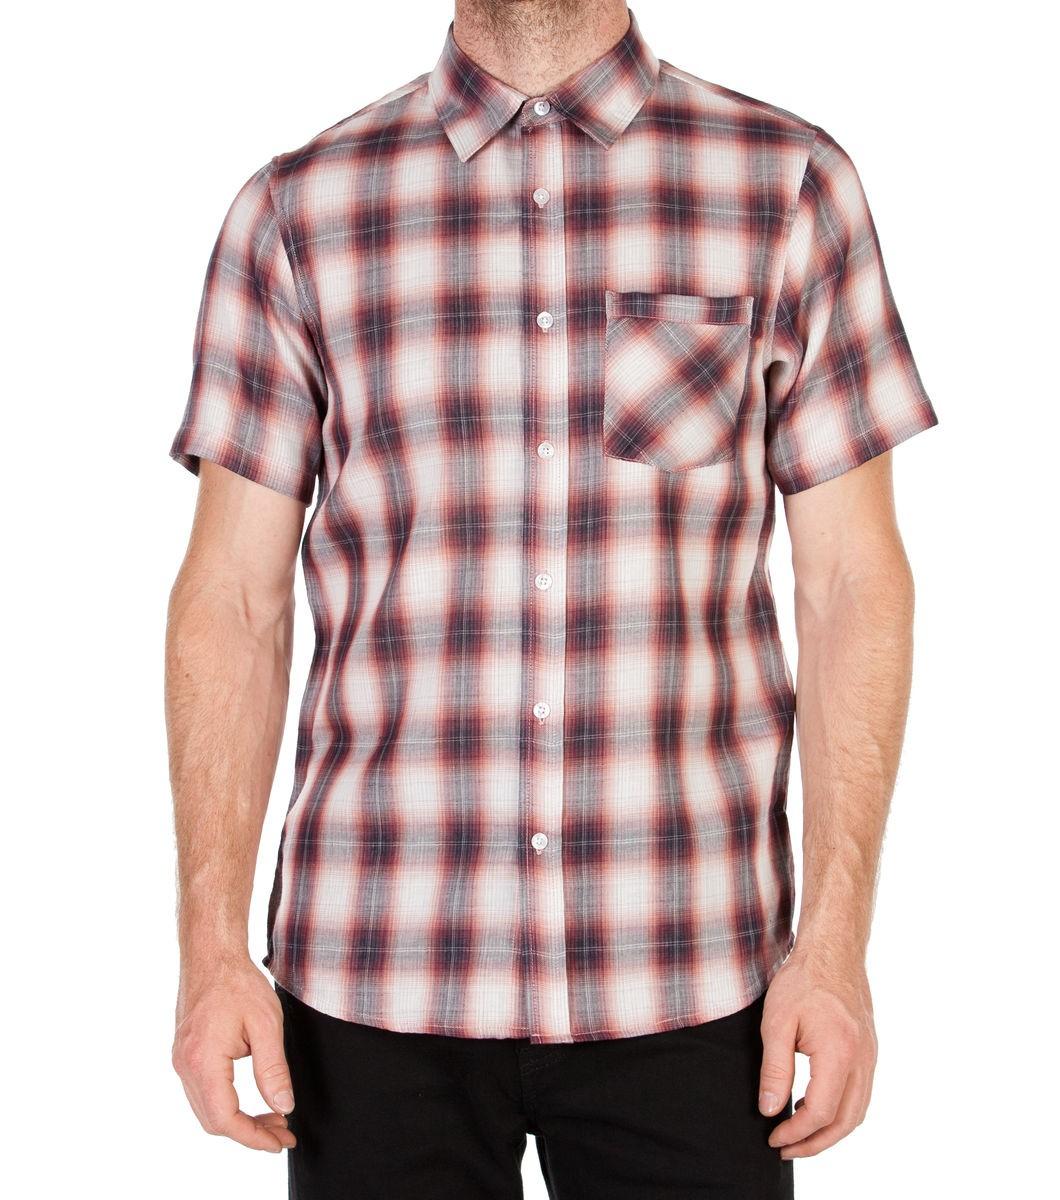 Oyster Shirt